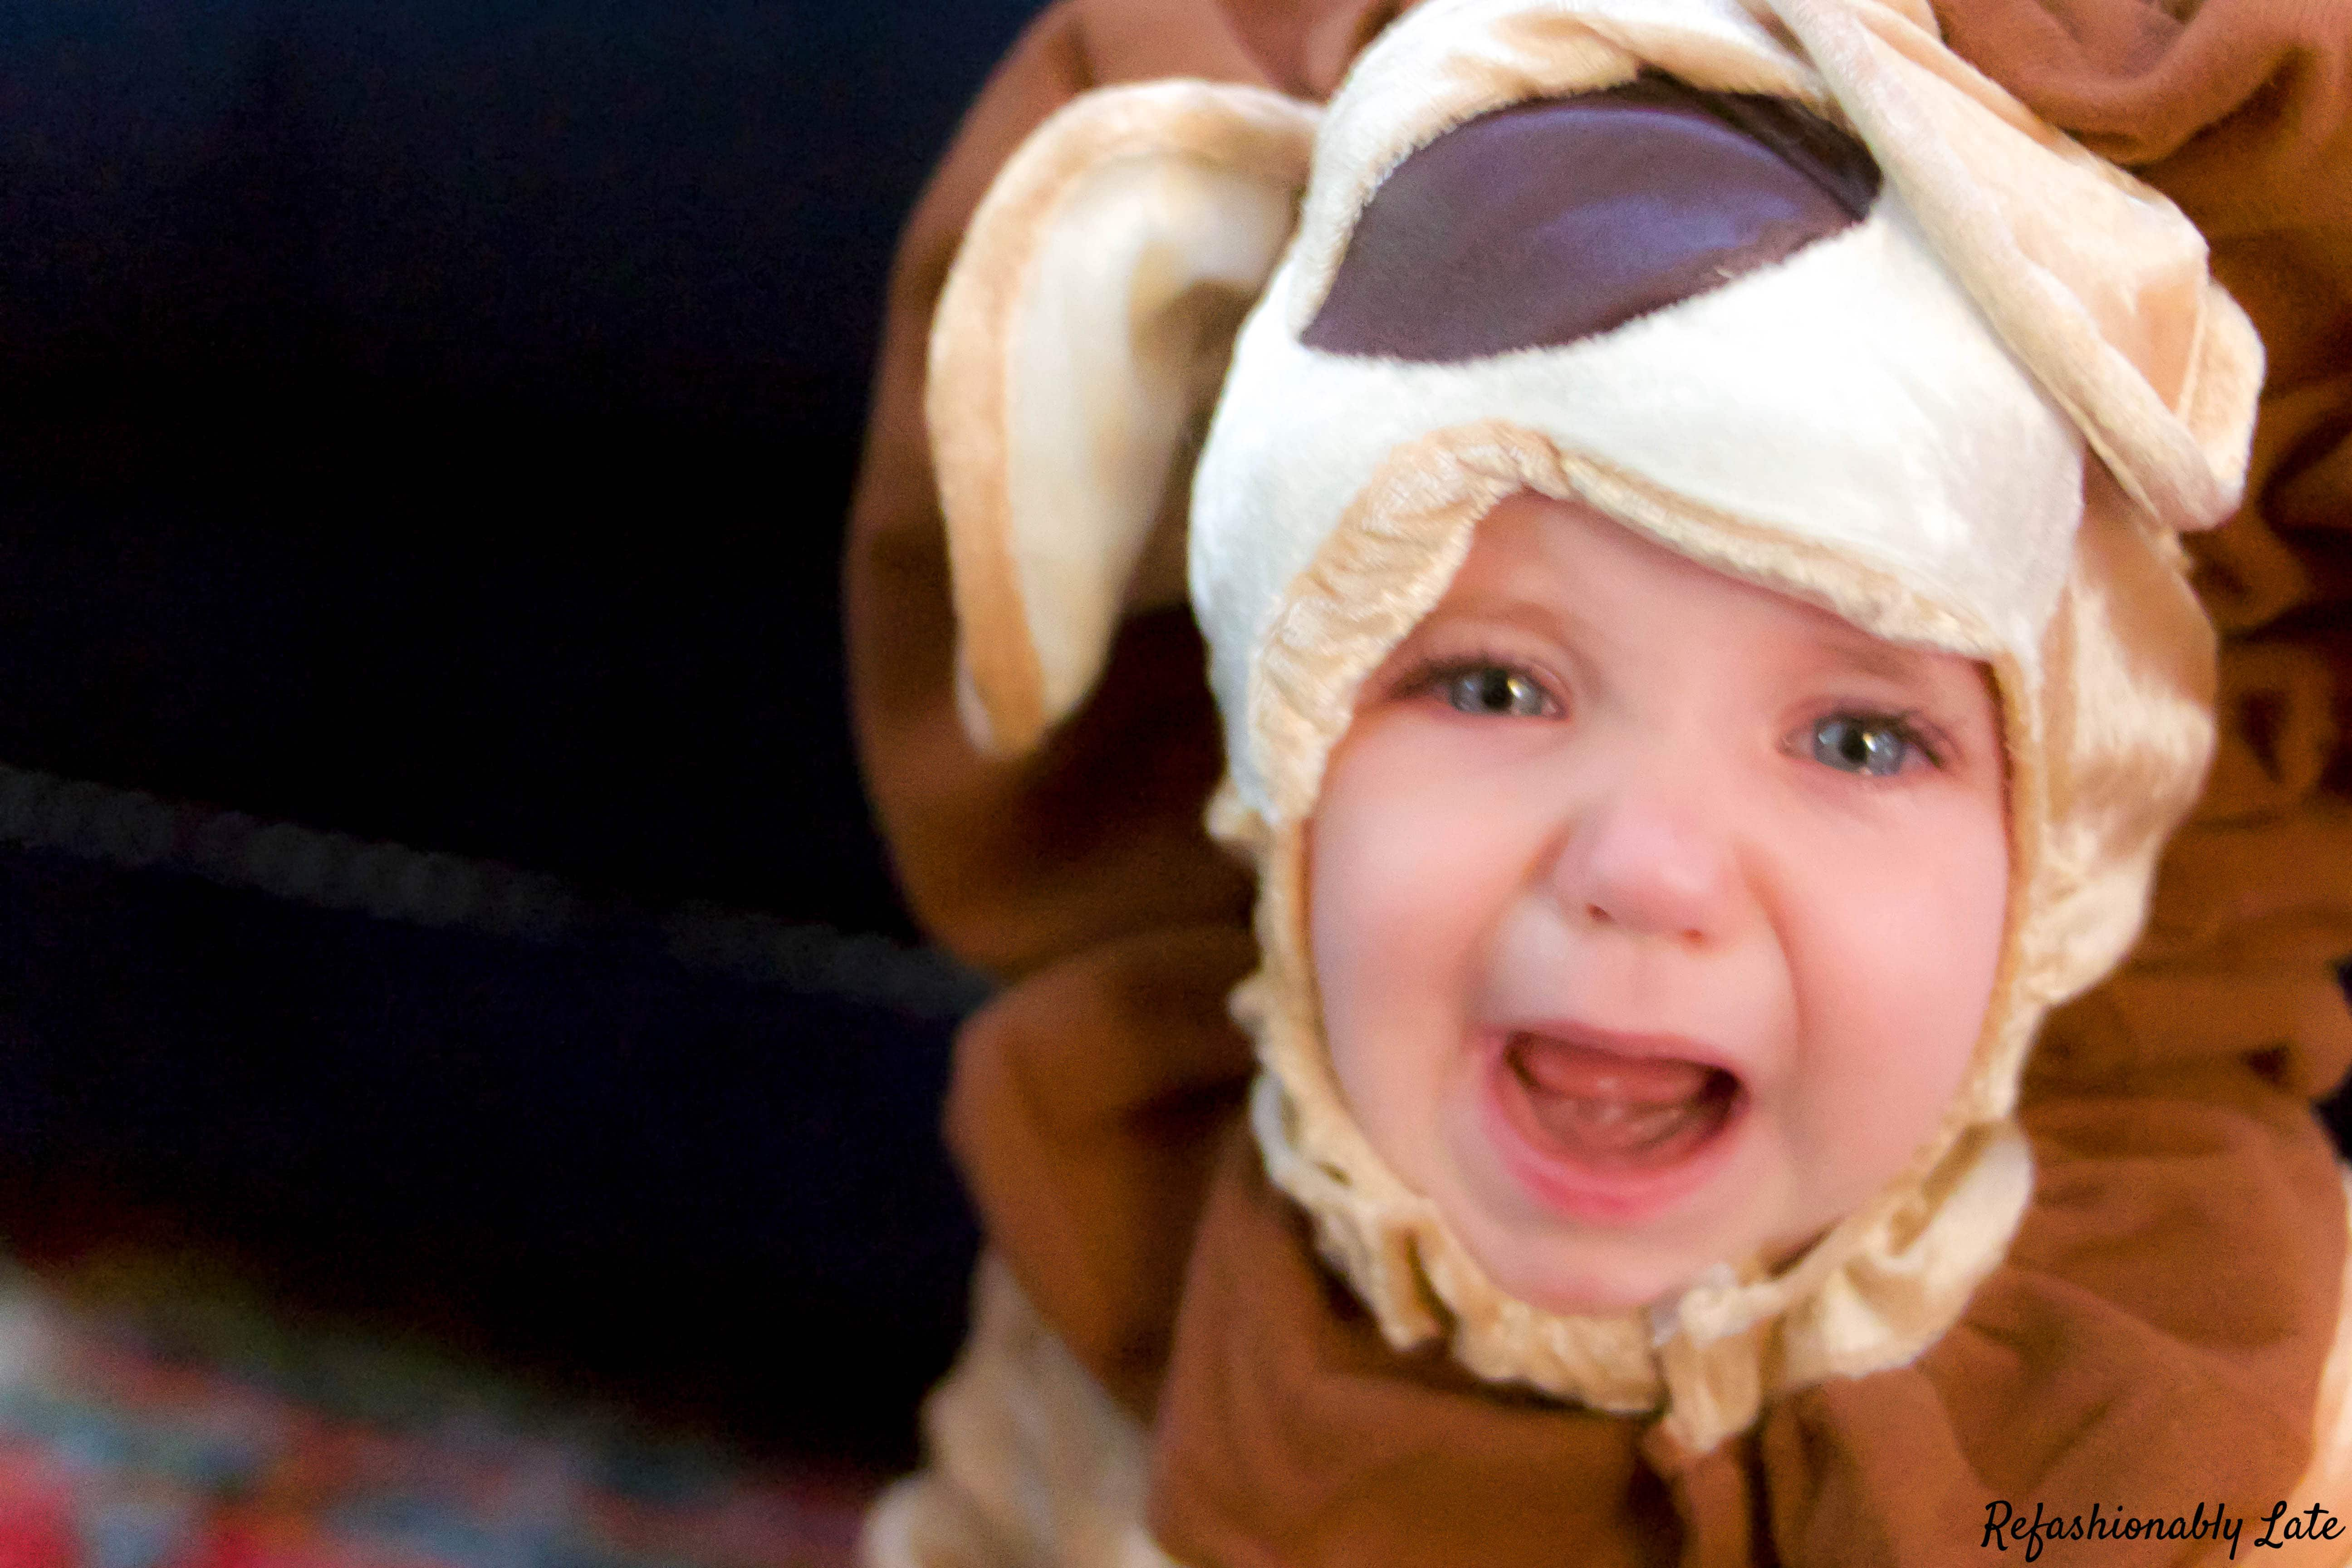 Dressed to Impress - www.refashionablylate.com